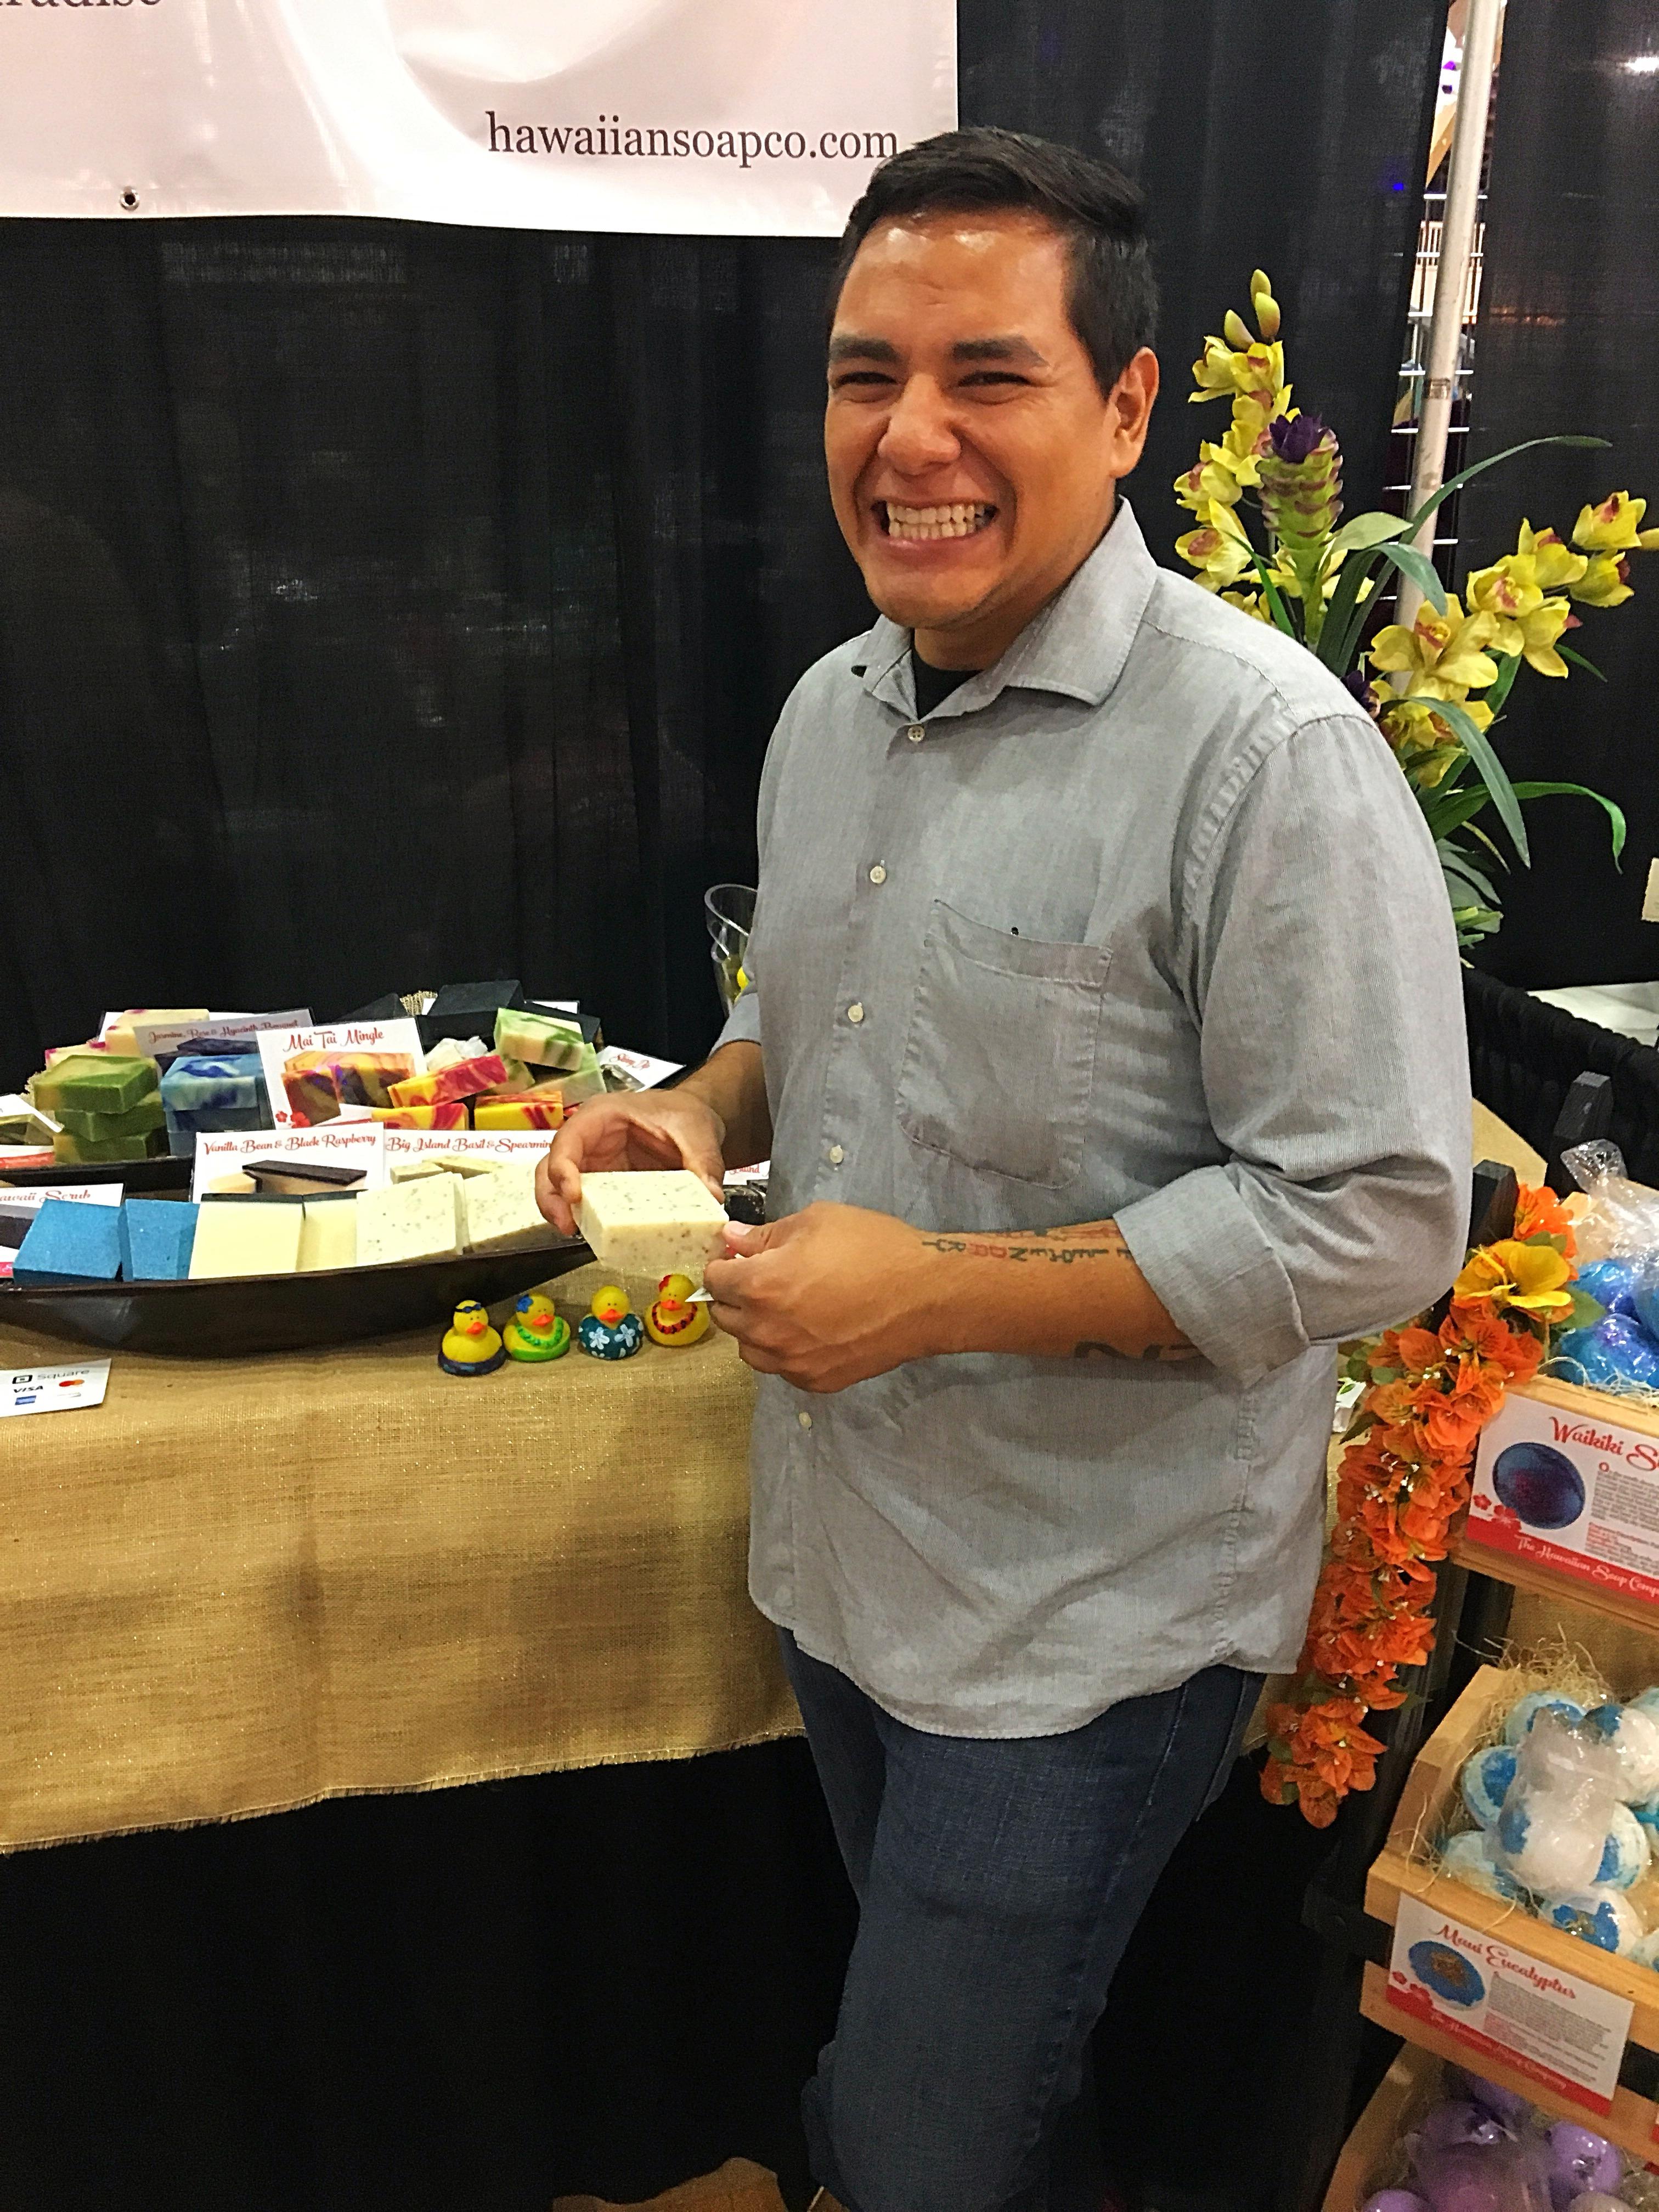 A Happy Hawaiian Soap Co. Customer